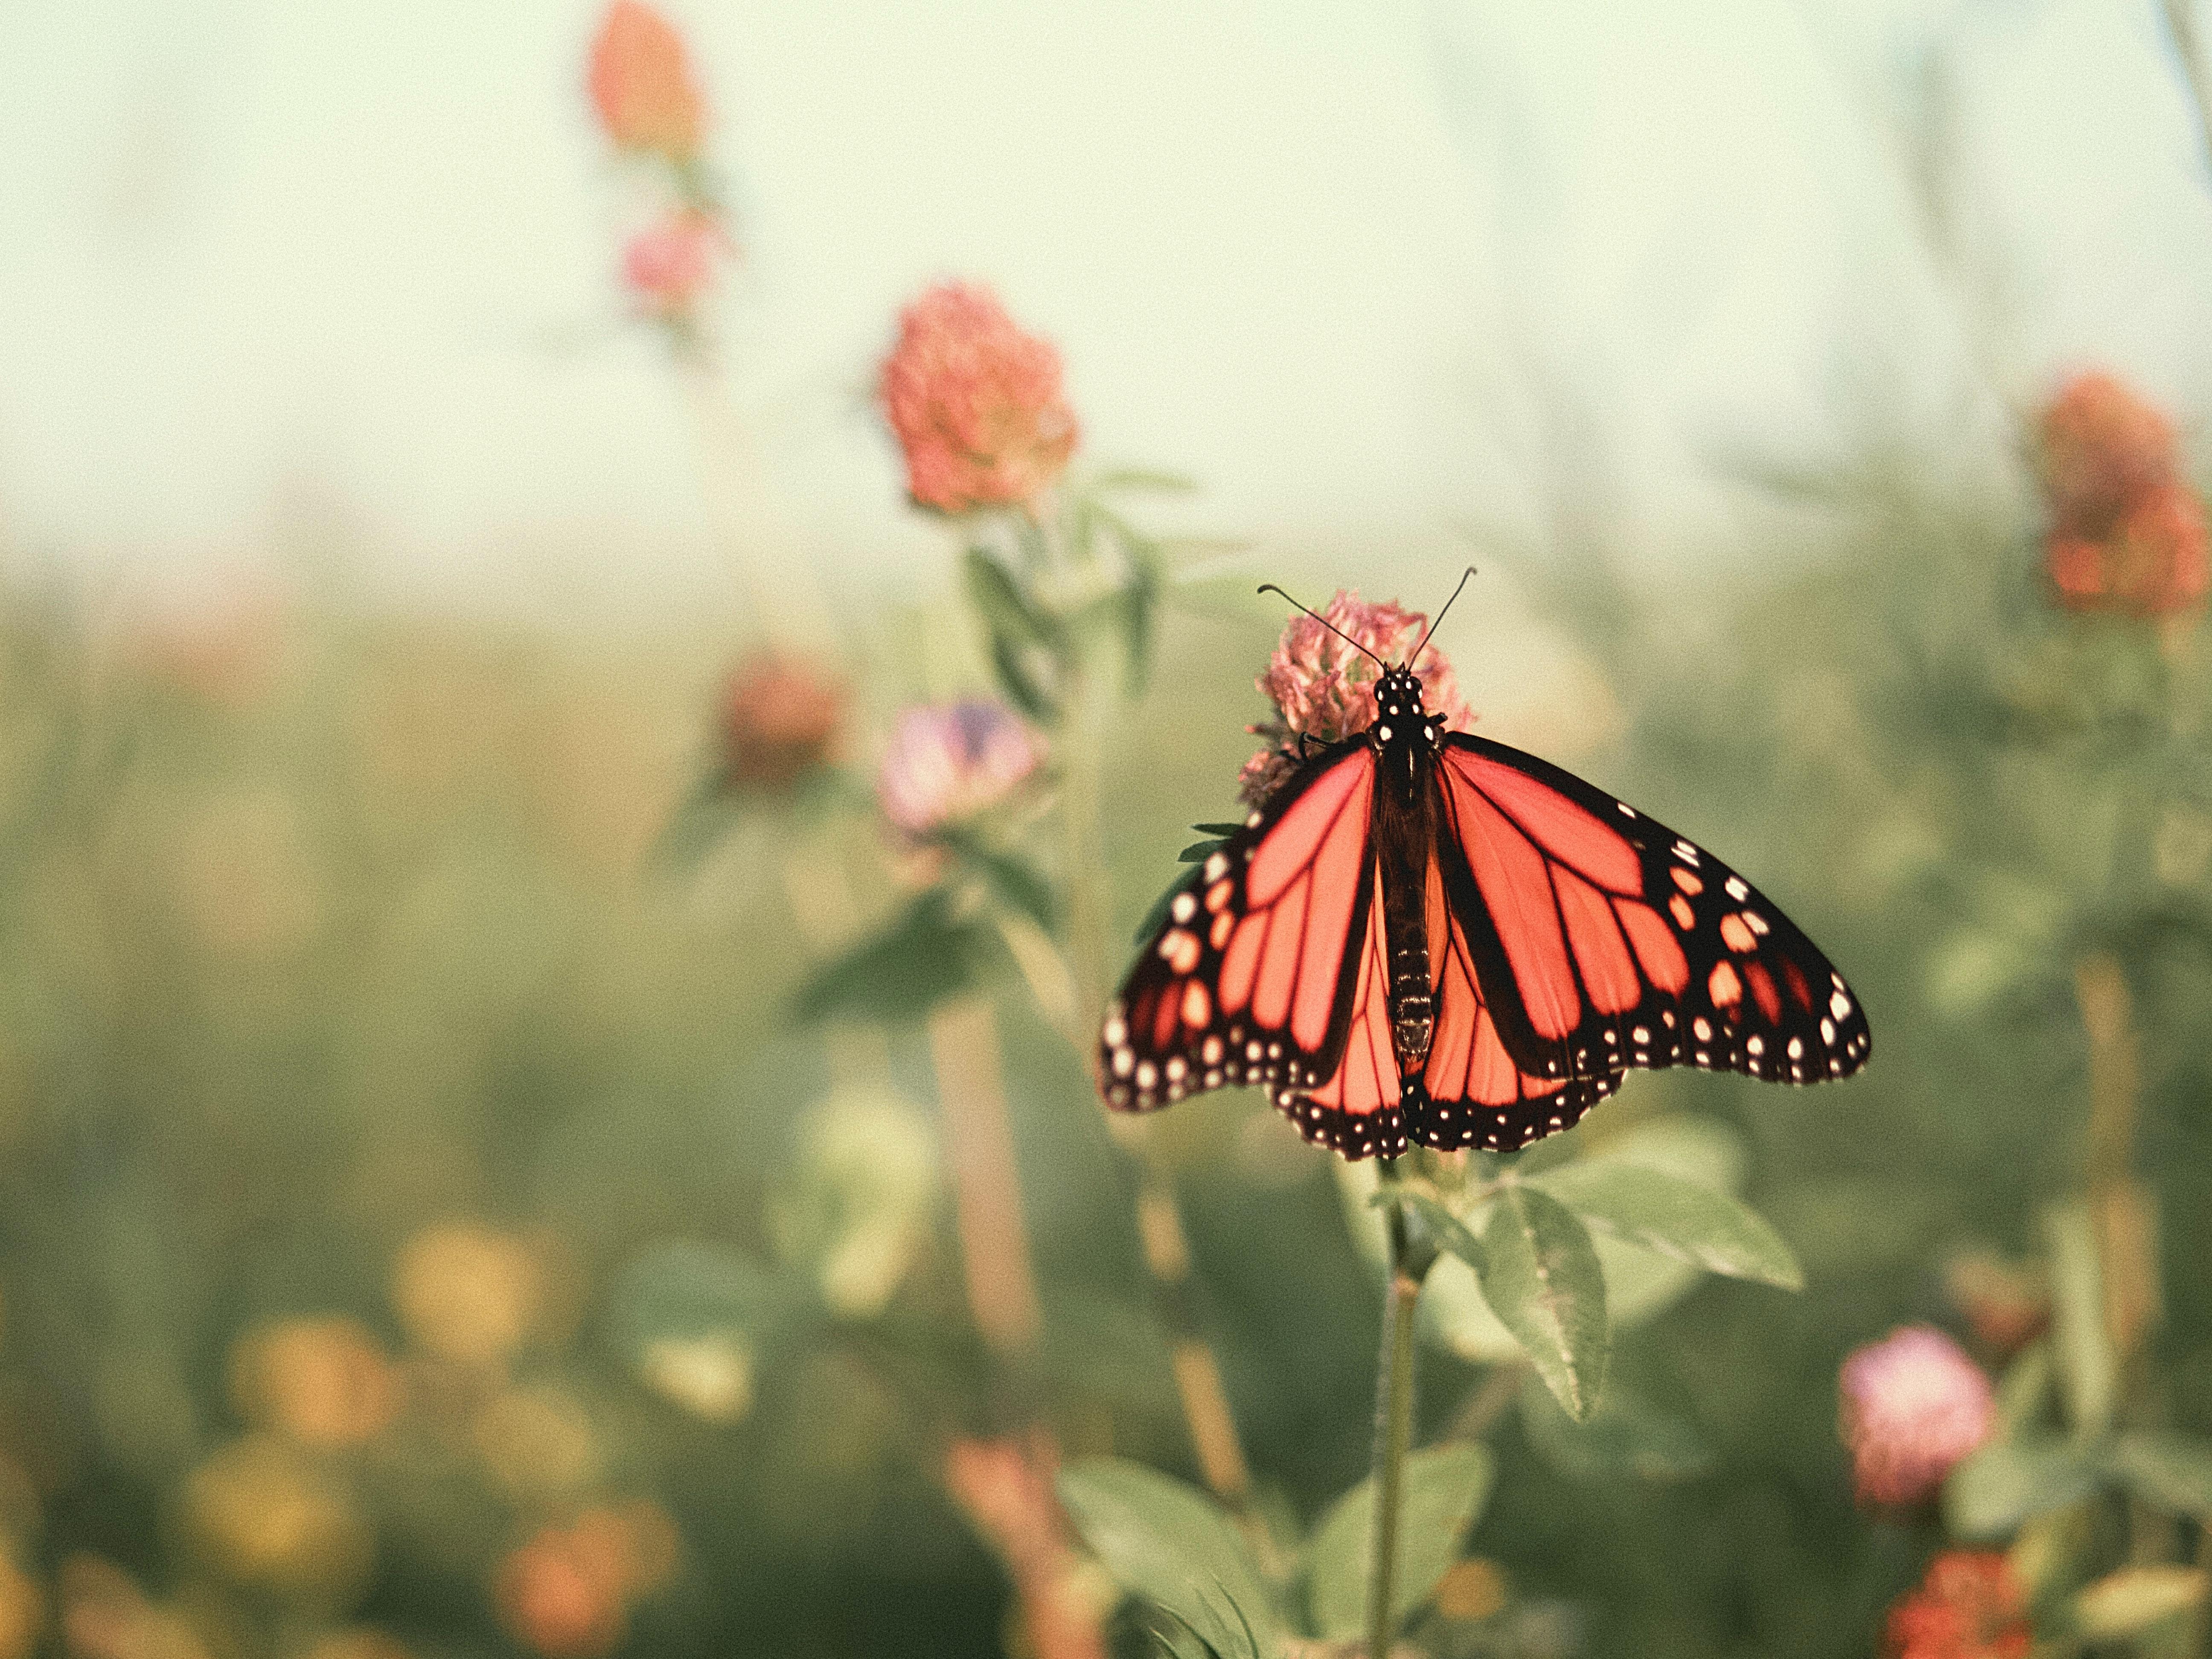 Monarch Butterfly / Joshua J. Cotten